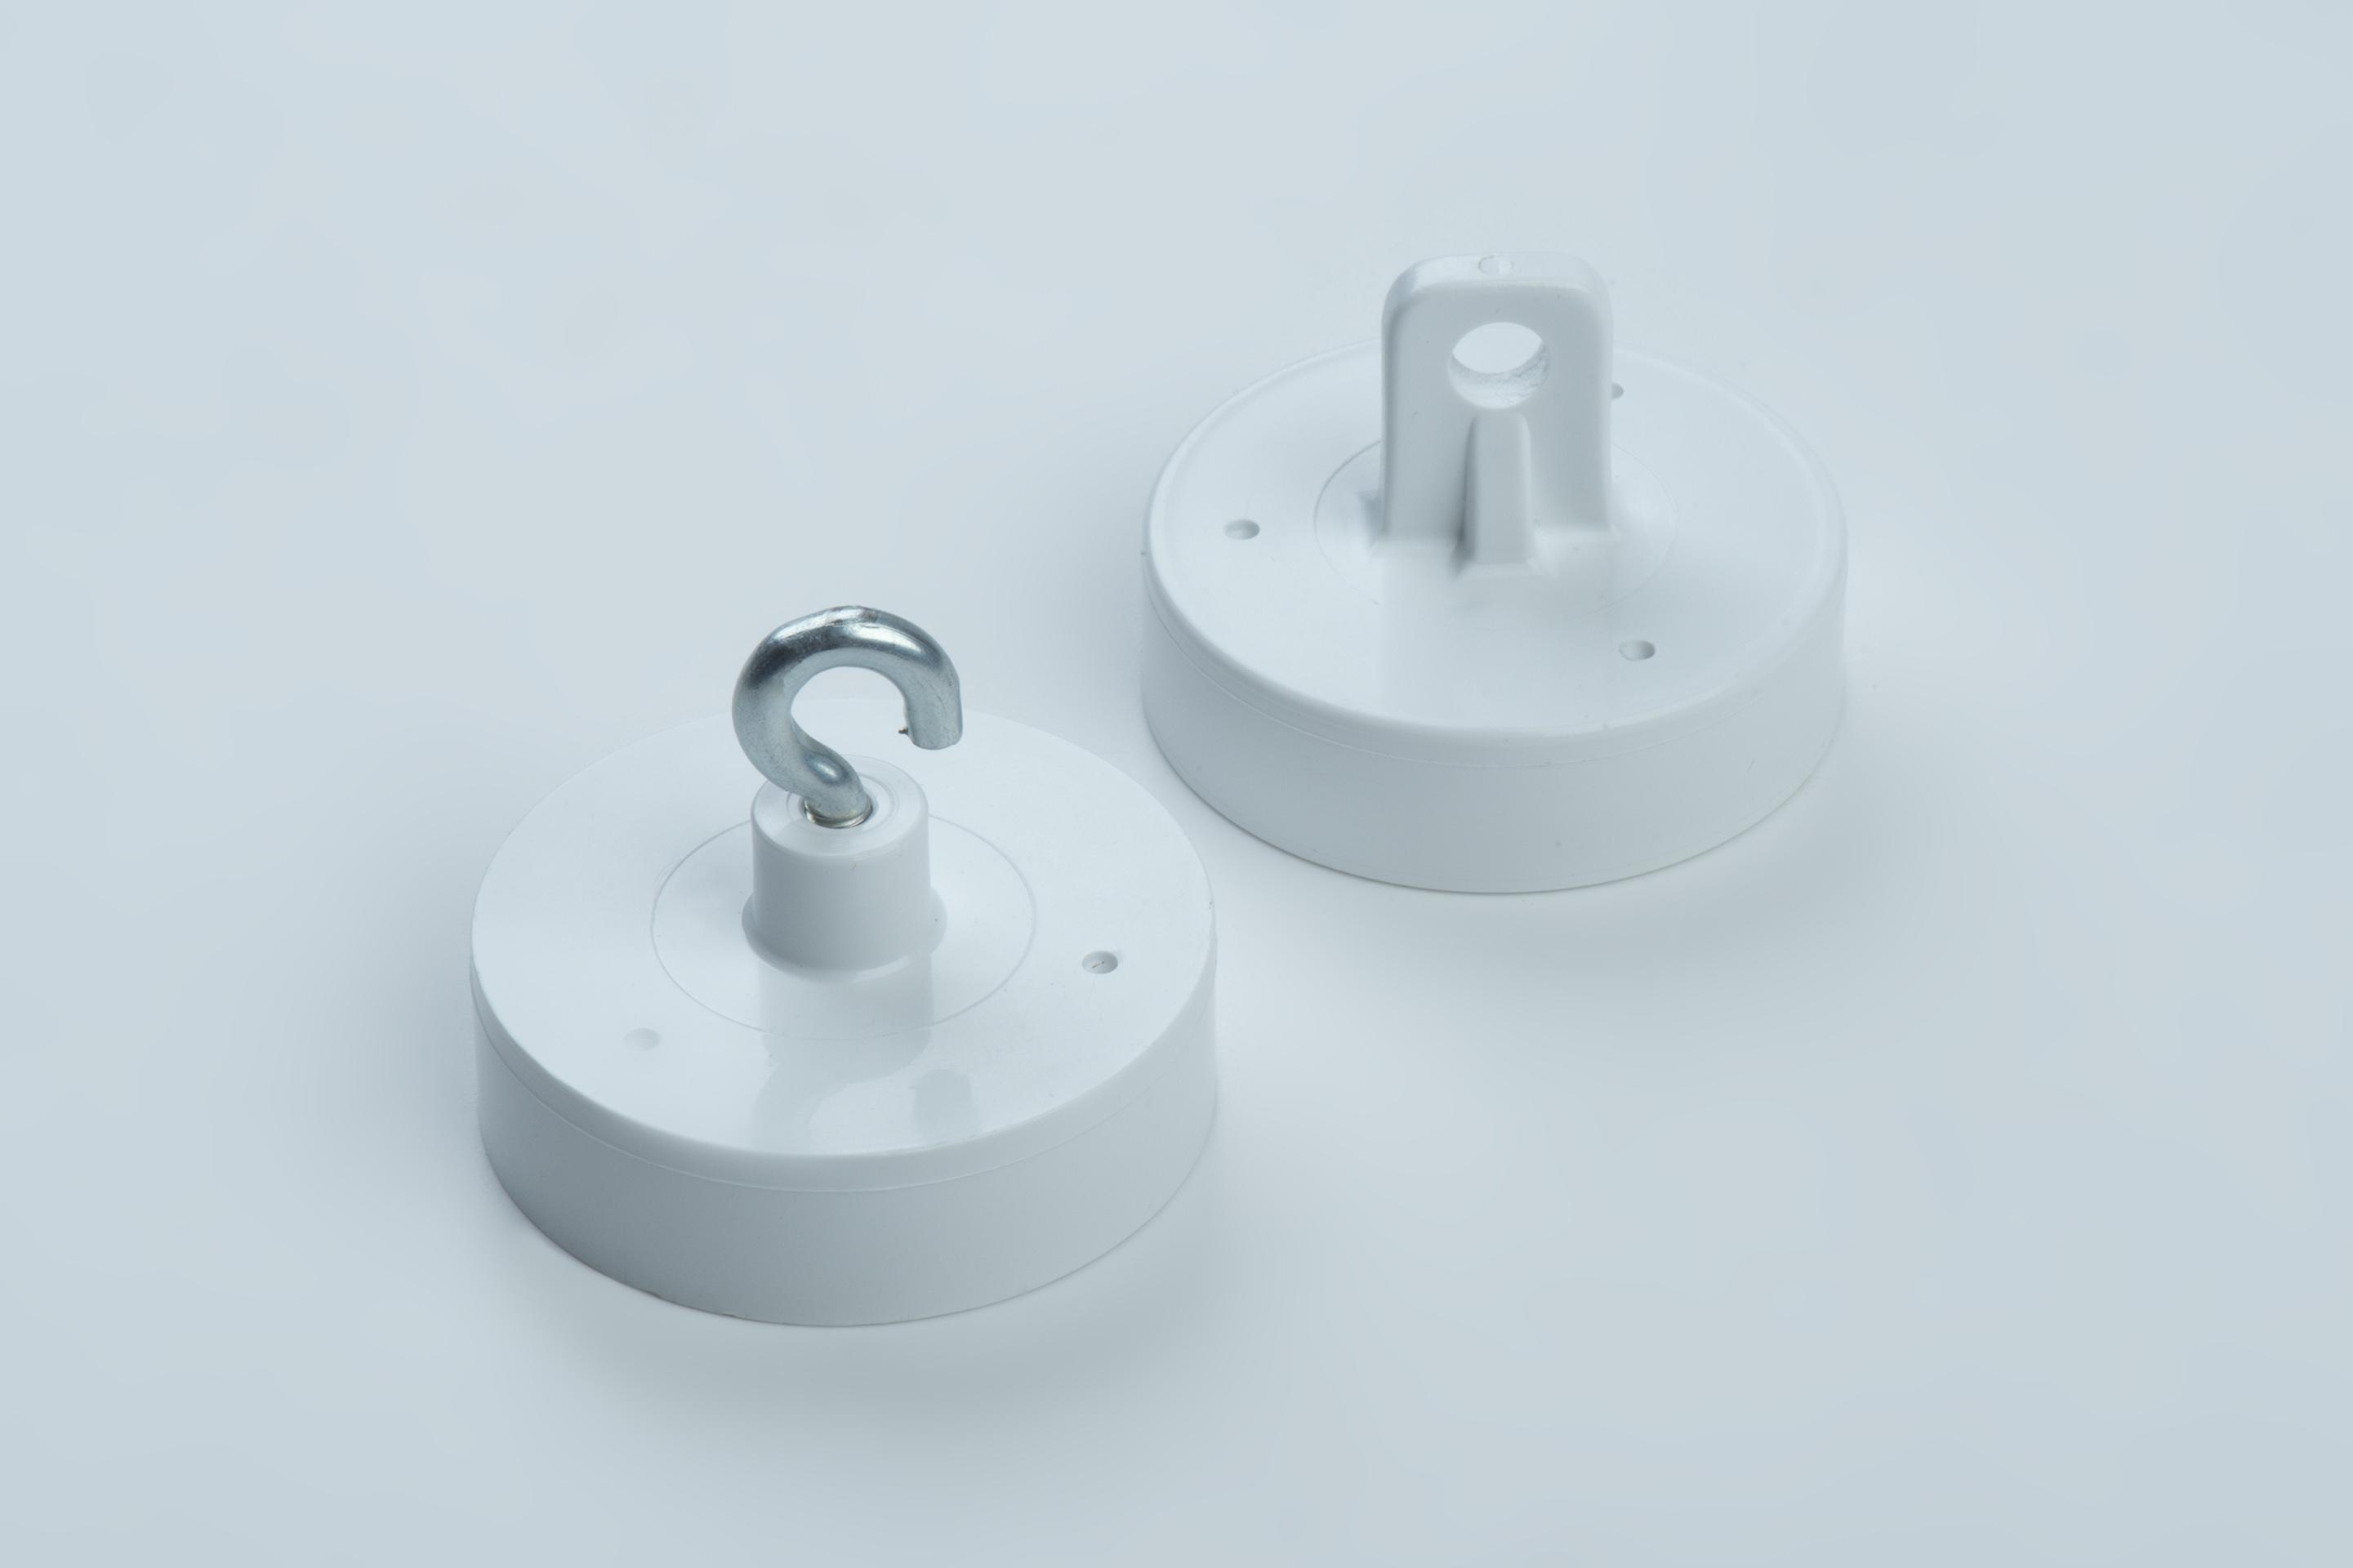 Decoration magnets made of hard ferrite, white plastic housing with hook or eyelet, thyssenkrupp Magnettechnik